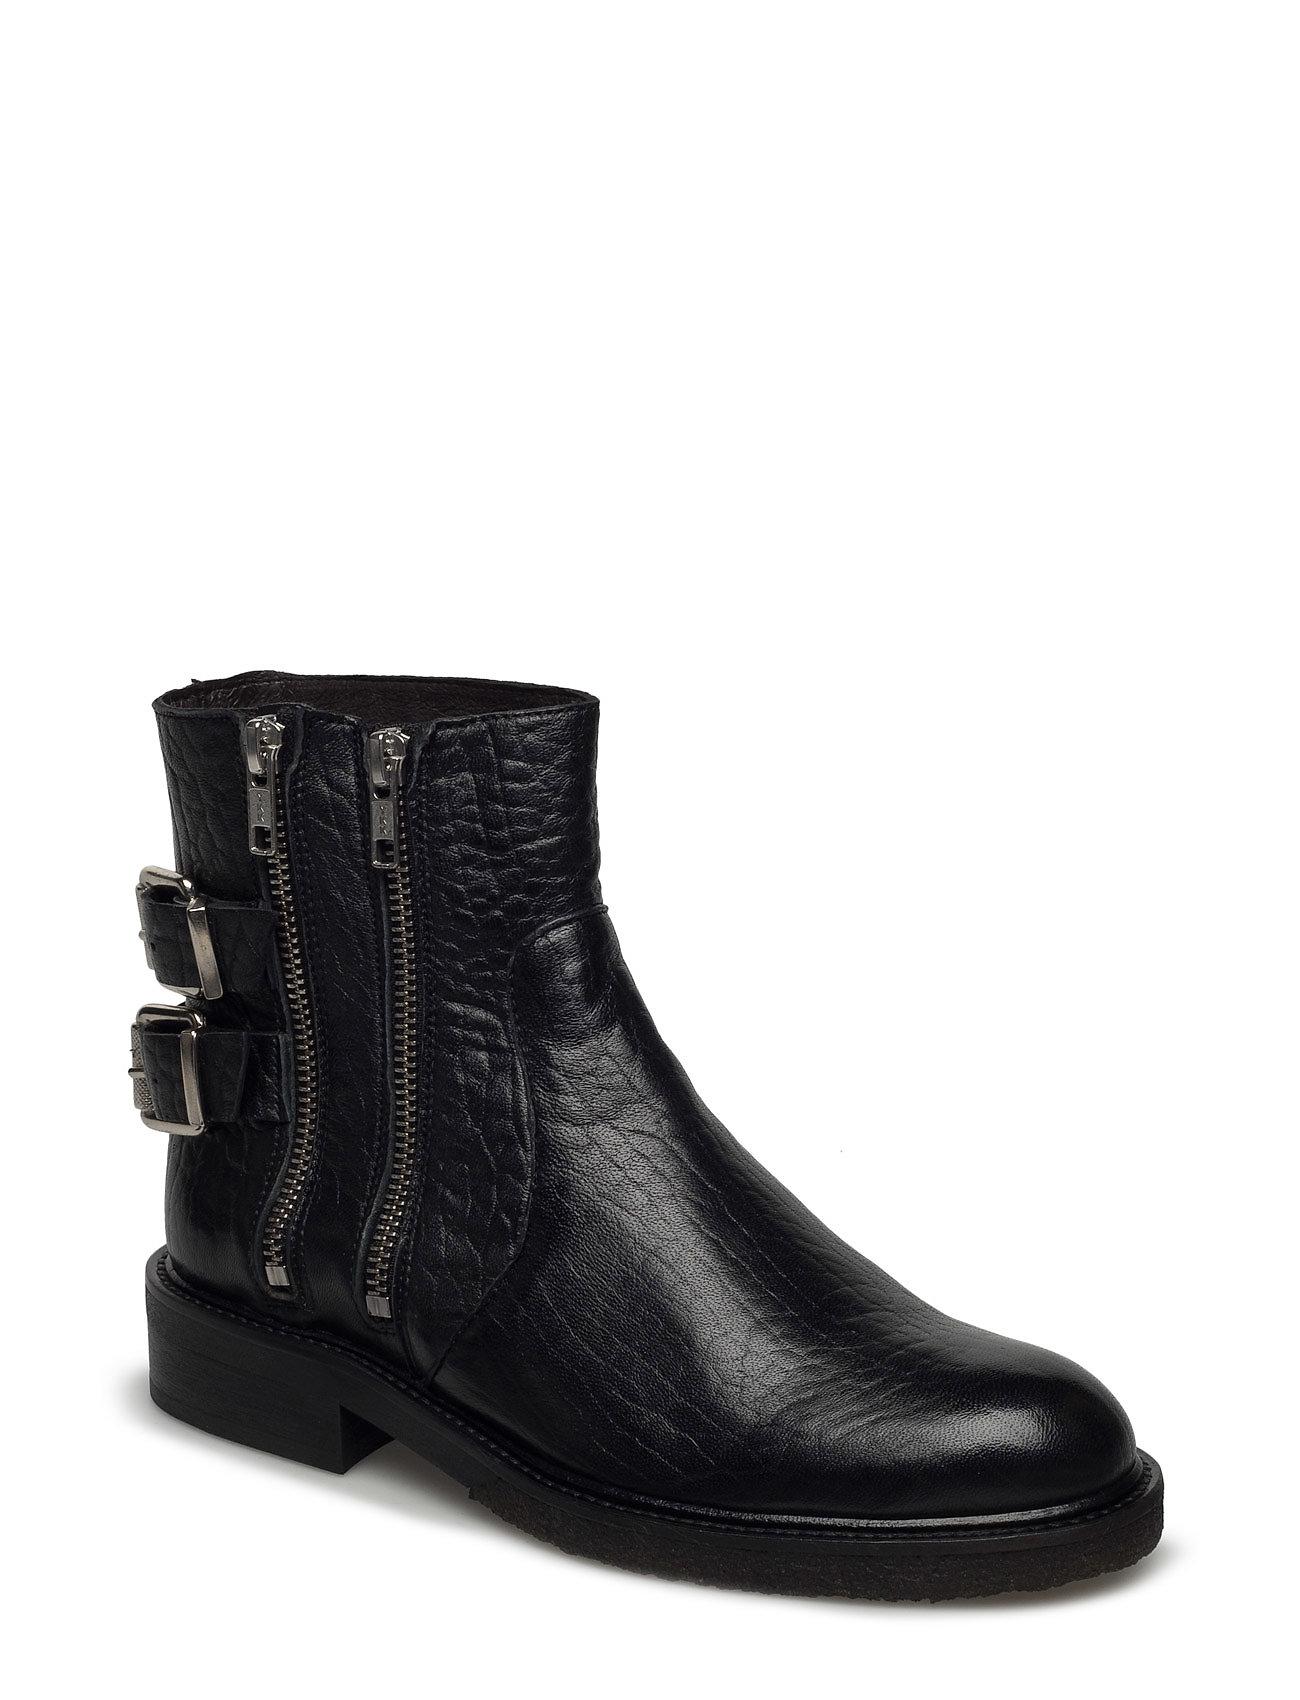 805c4c71 Billi Bi ankelstøvler – Boots til dame i BLACK SUEDE 503 - Pashion.dk